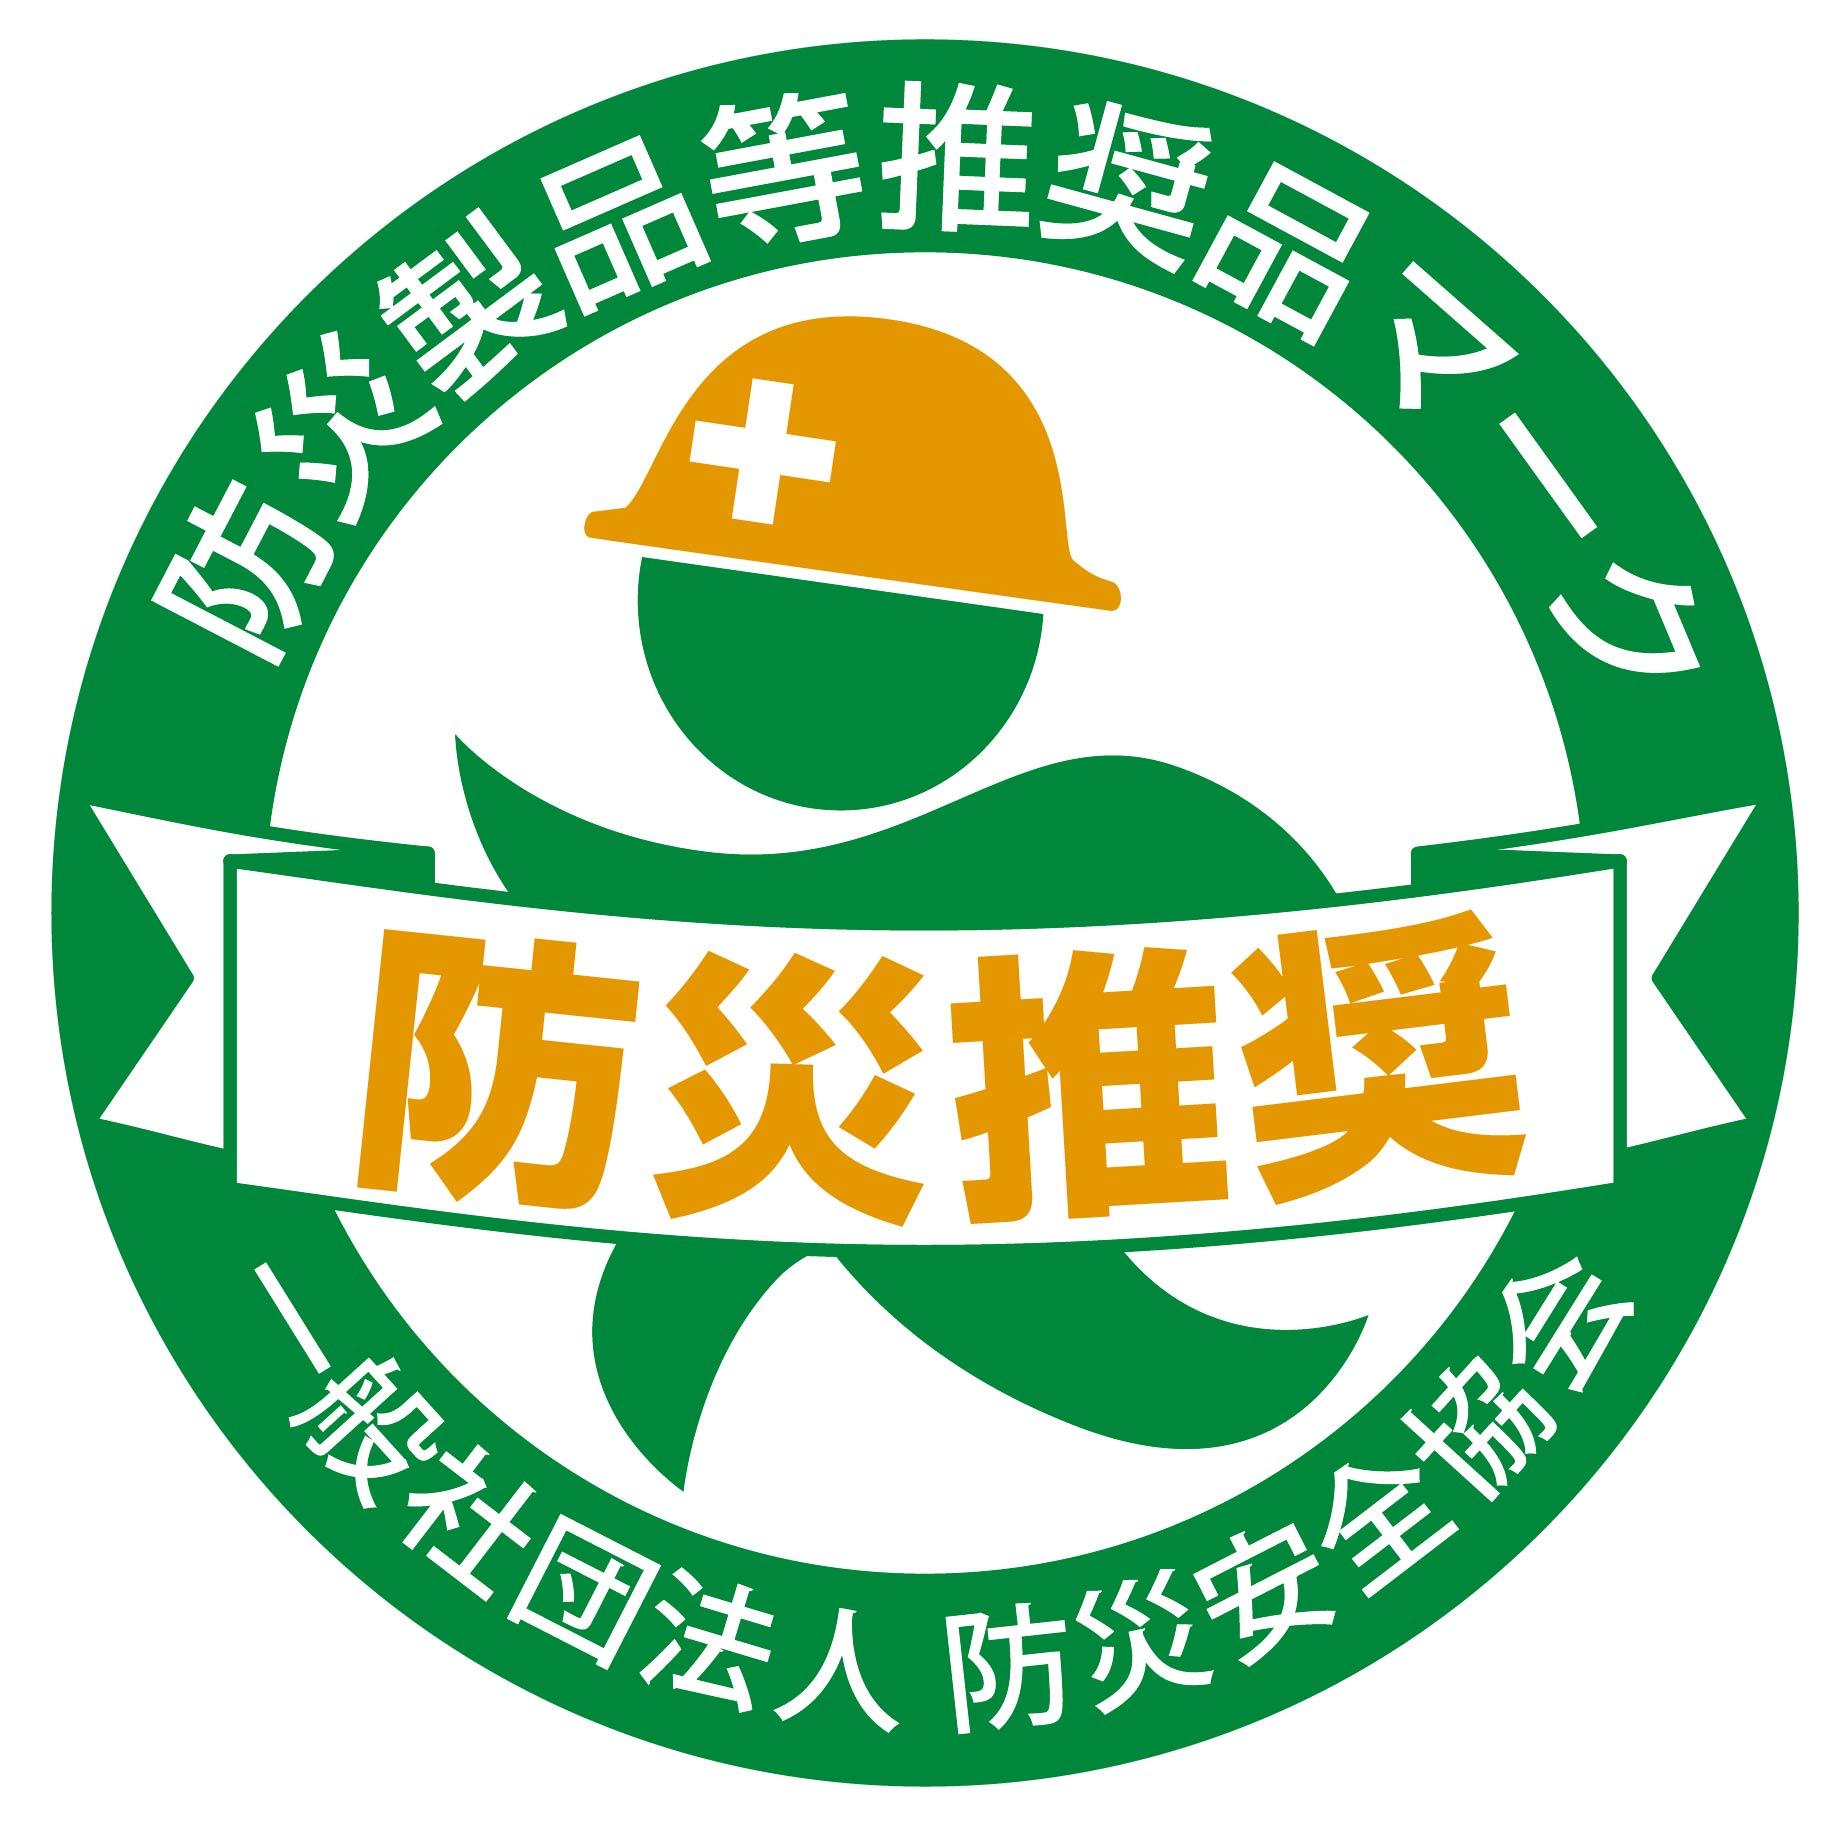 一般社団法人防災安全協会「防災製品等推奨品認証」